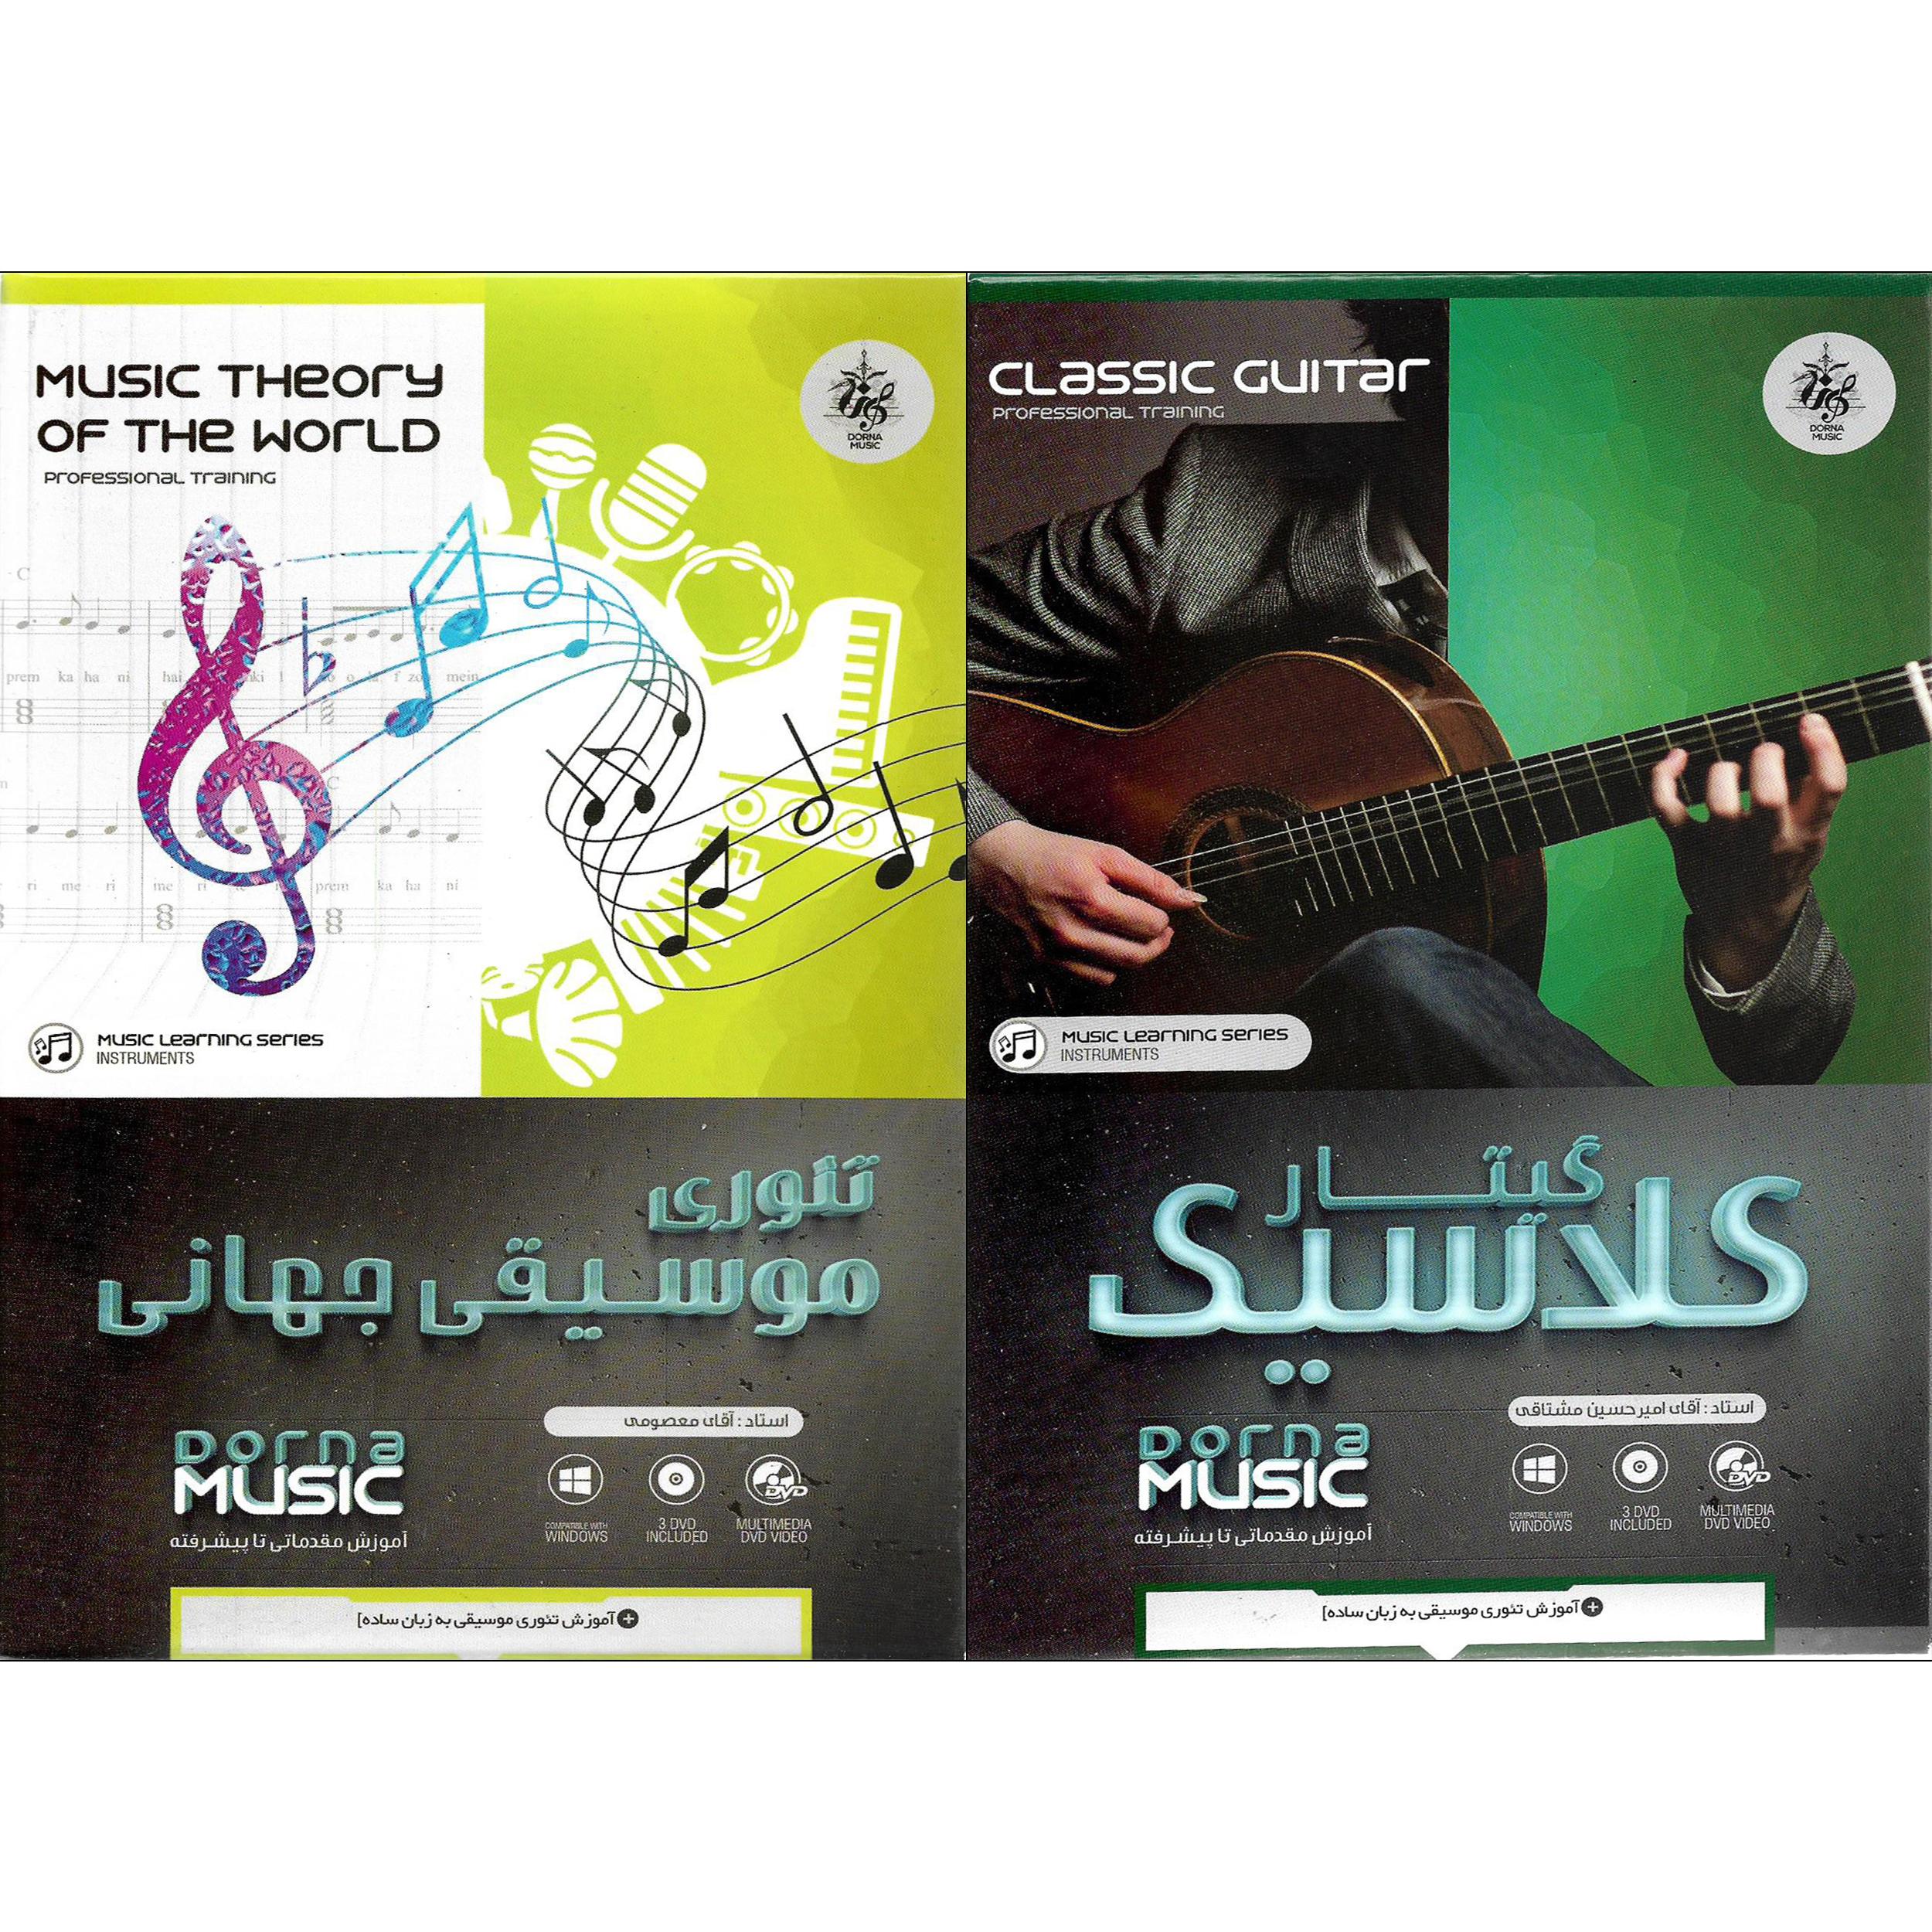 نرم افزار آموزش گیتار کلاسیک نشر درنا به همراه نرم افزار آموزش تئوری موسیقی جهانی نشر درنا